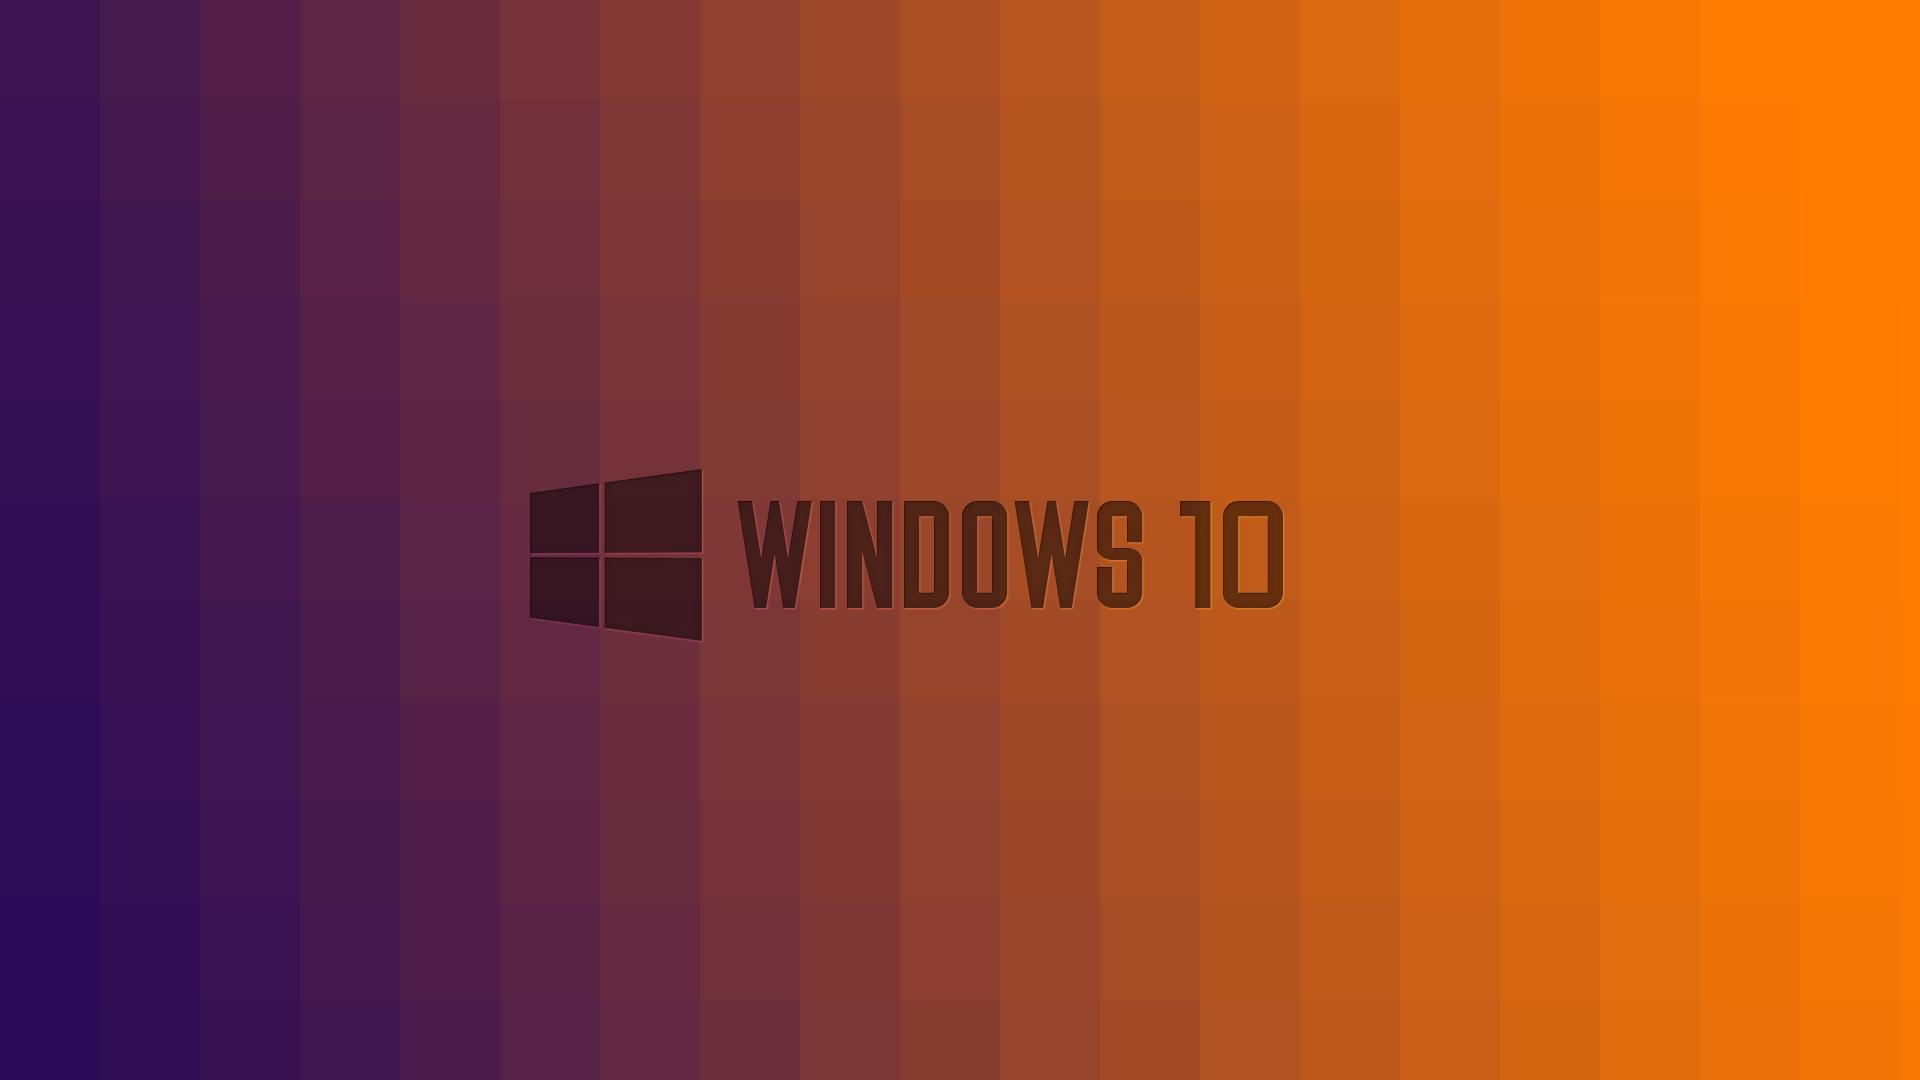 Windows 10 Wallpaper 1080p Full Hd Purple To Orange Fade Hd Desktop